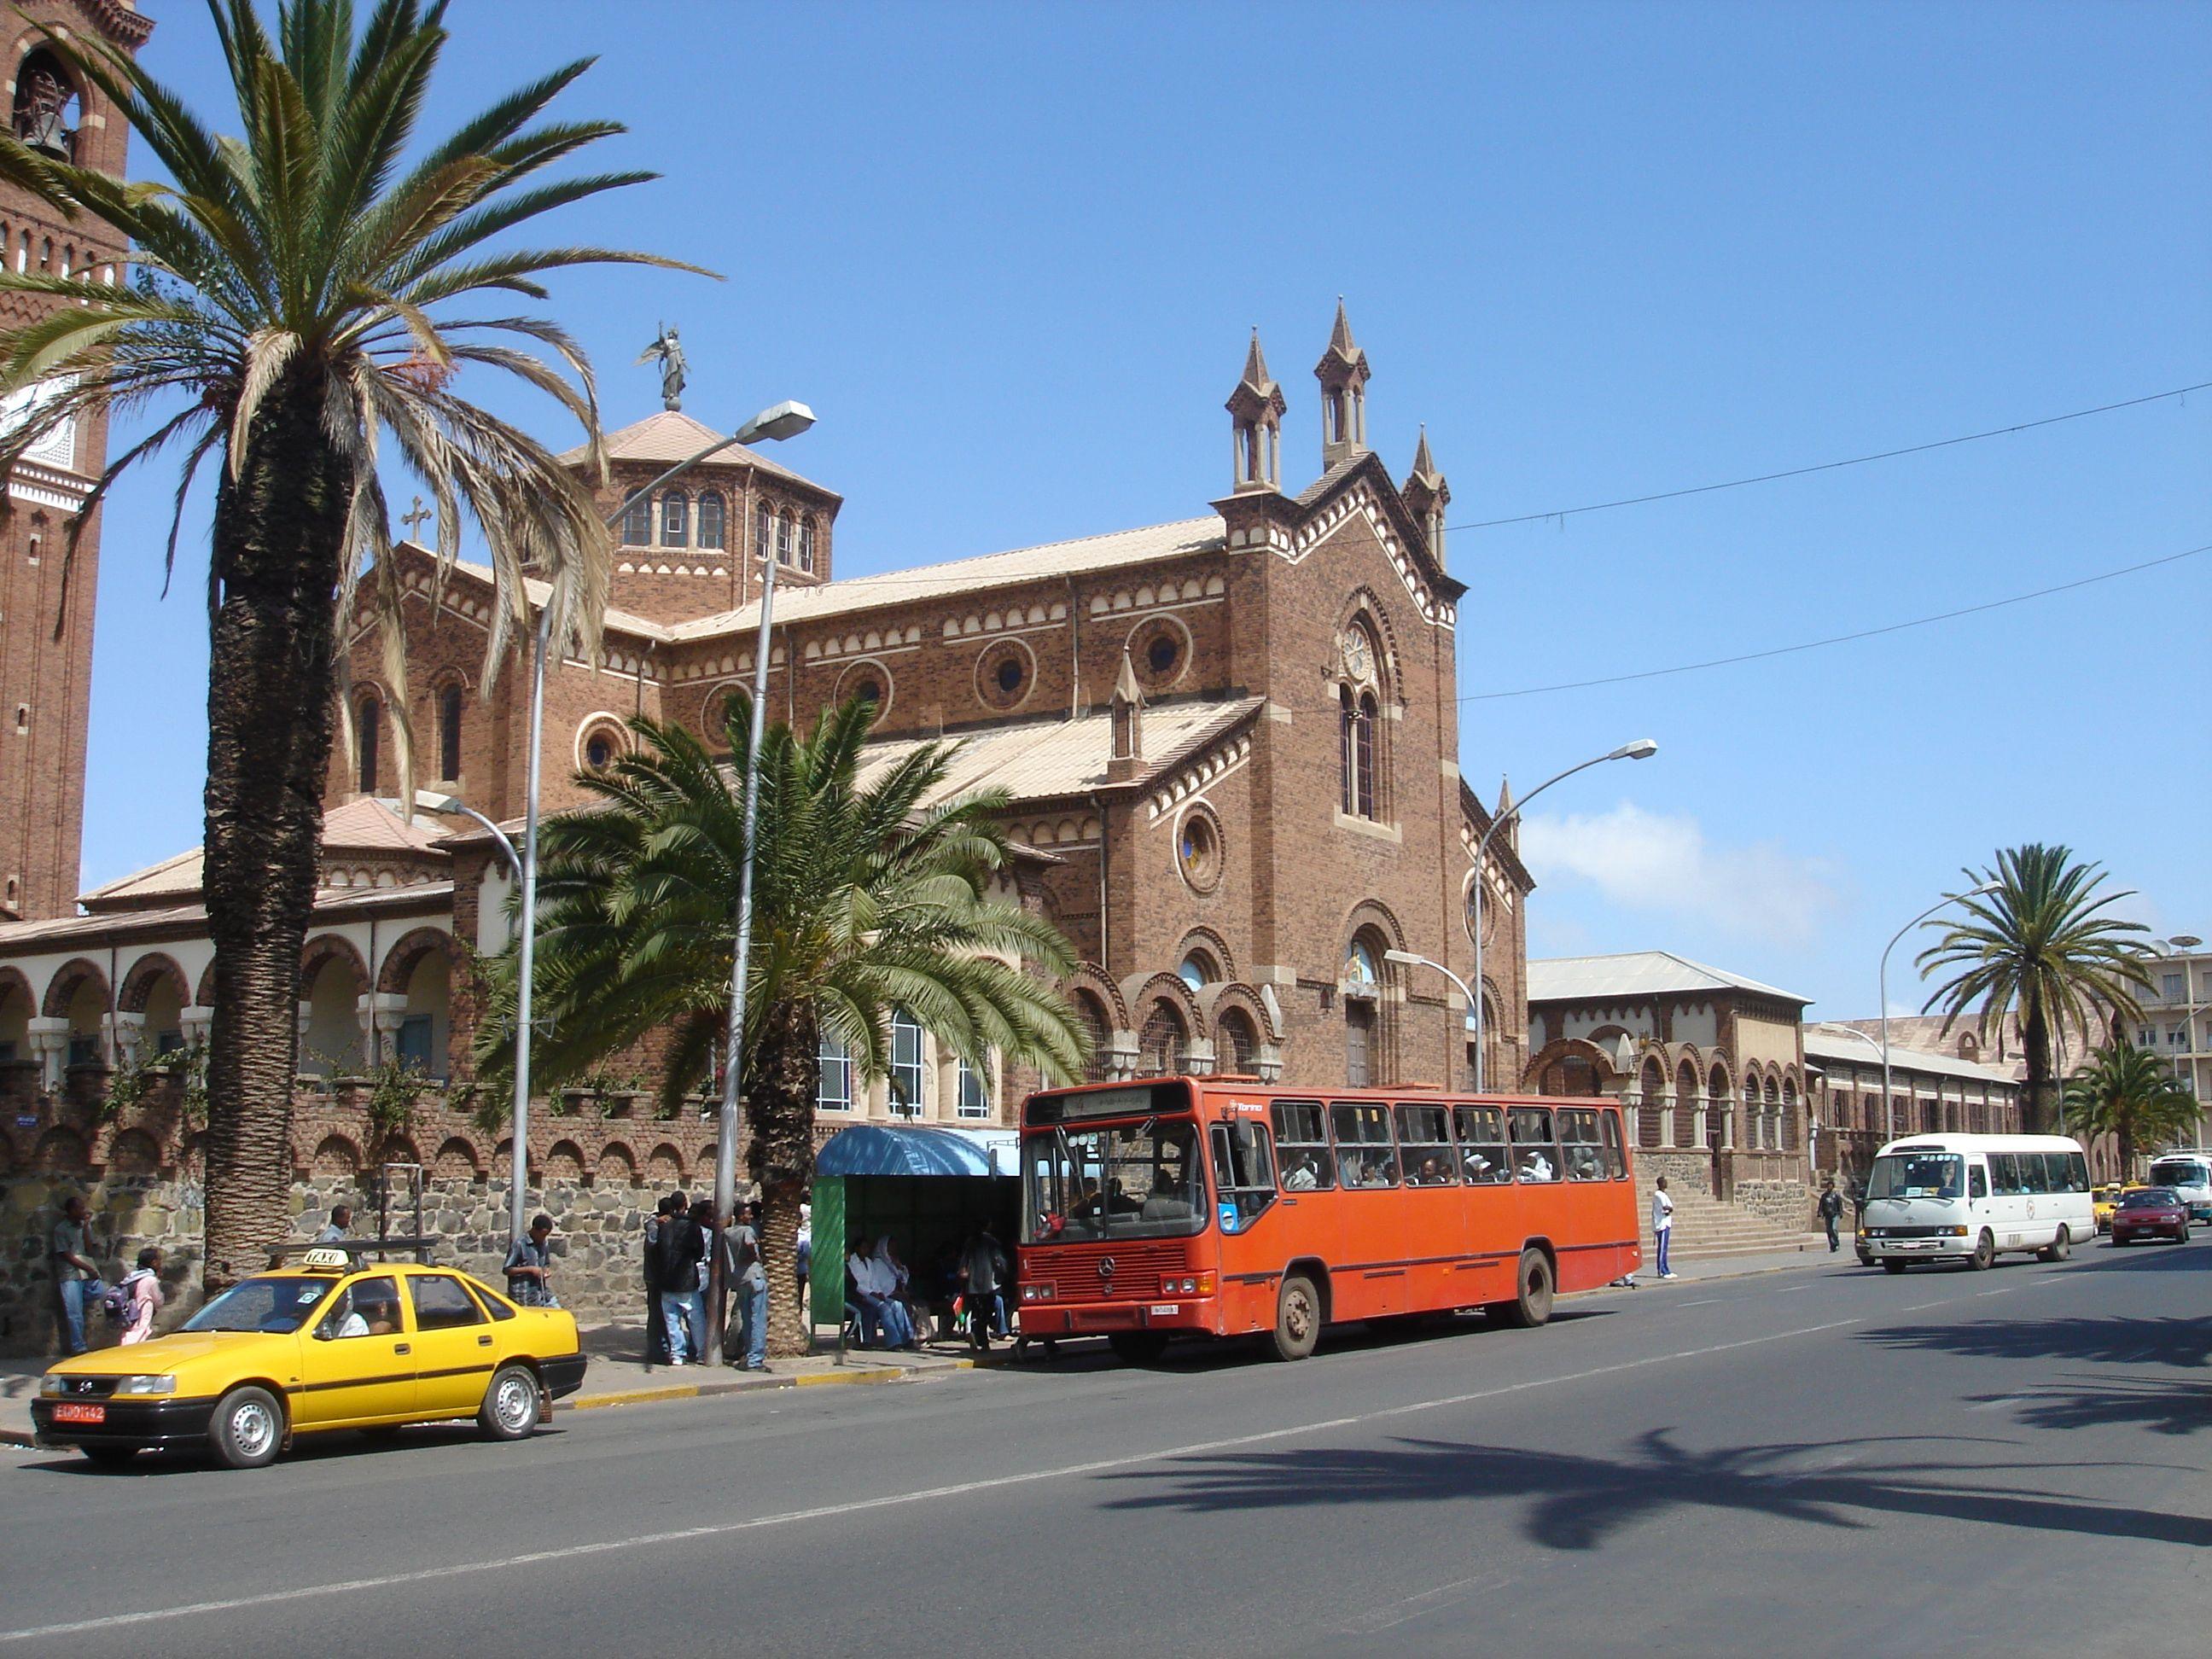 Cattedrale e la chiesa cattolica di Asmara,Eritrea si trova in centro